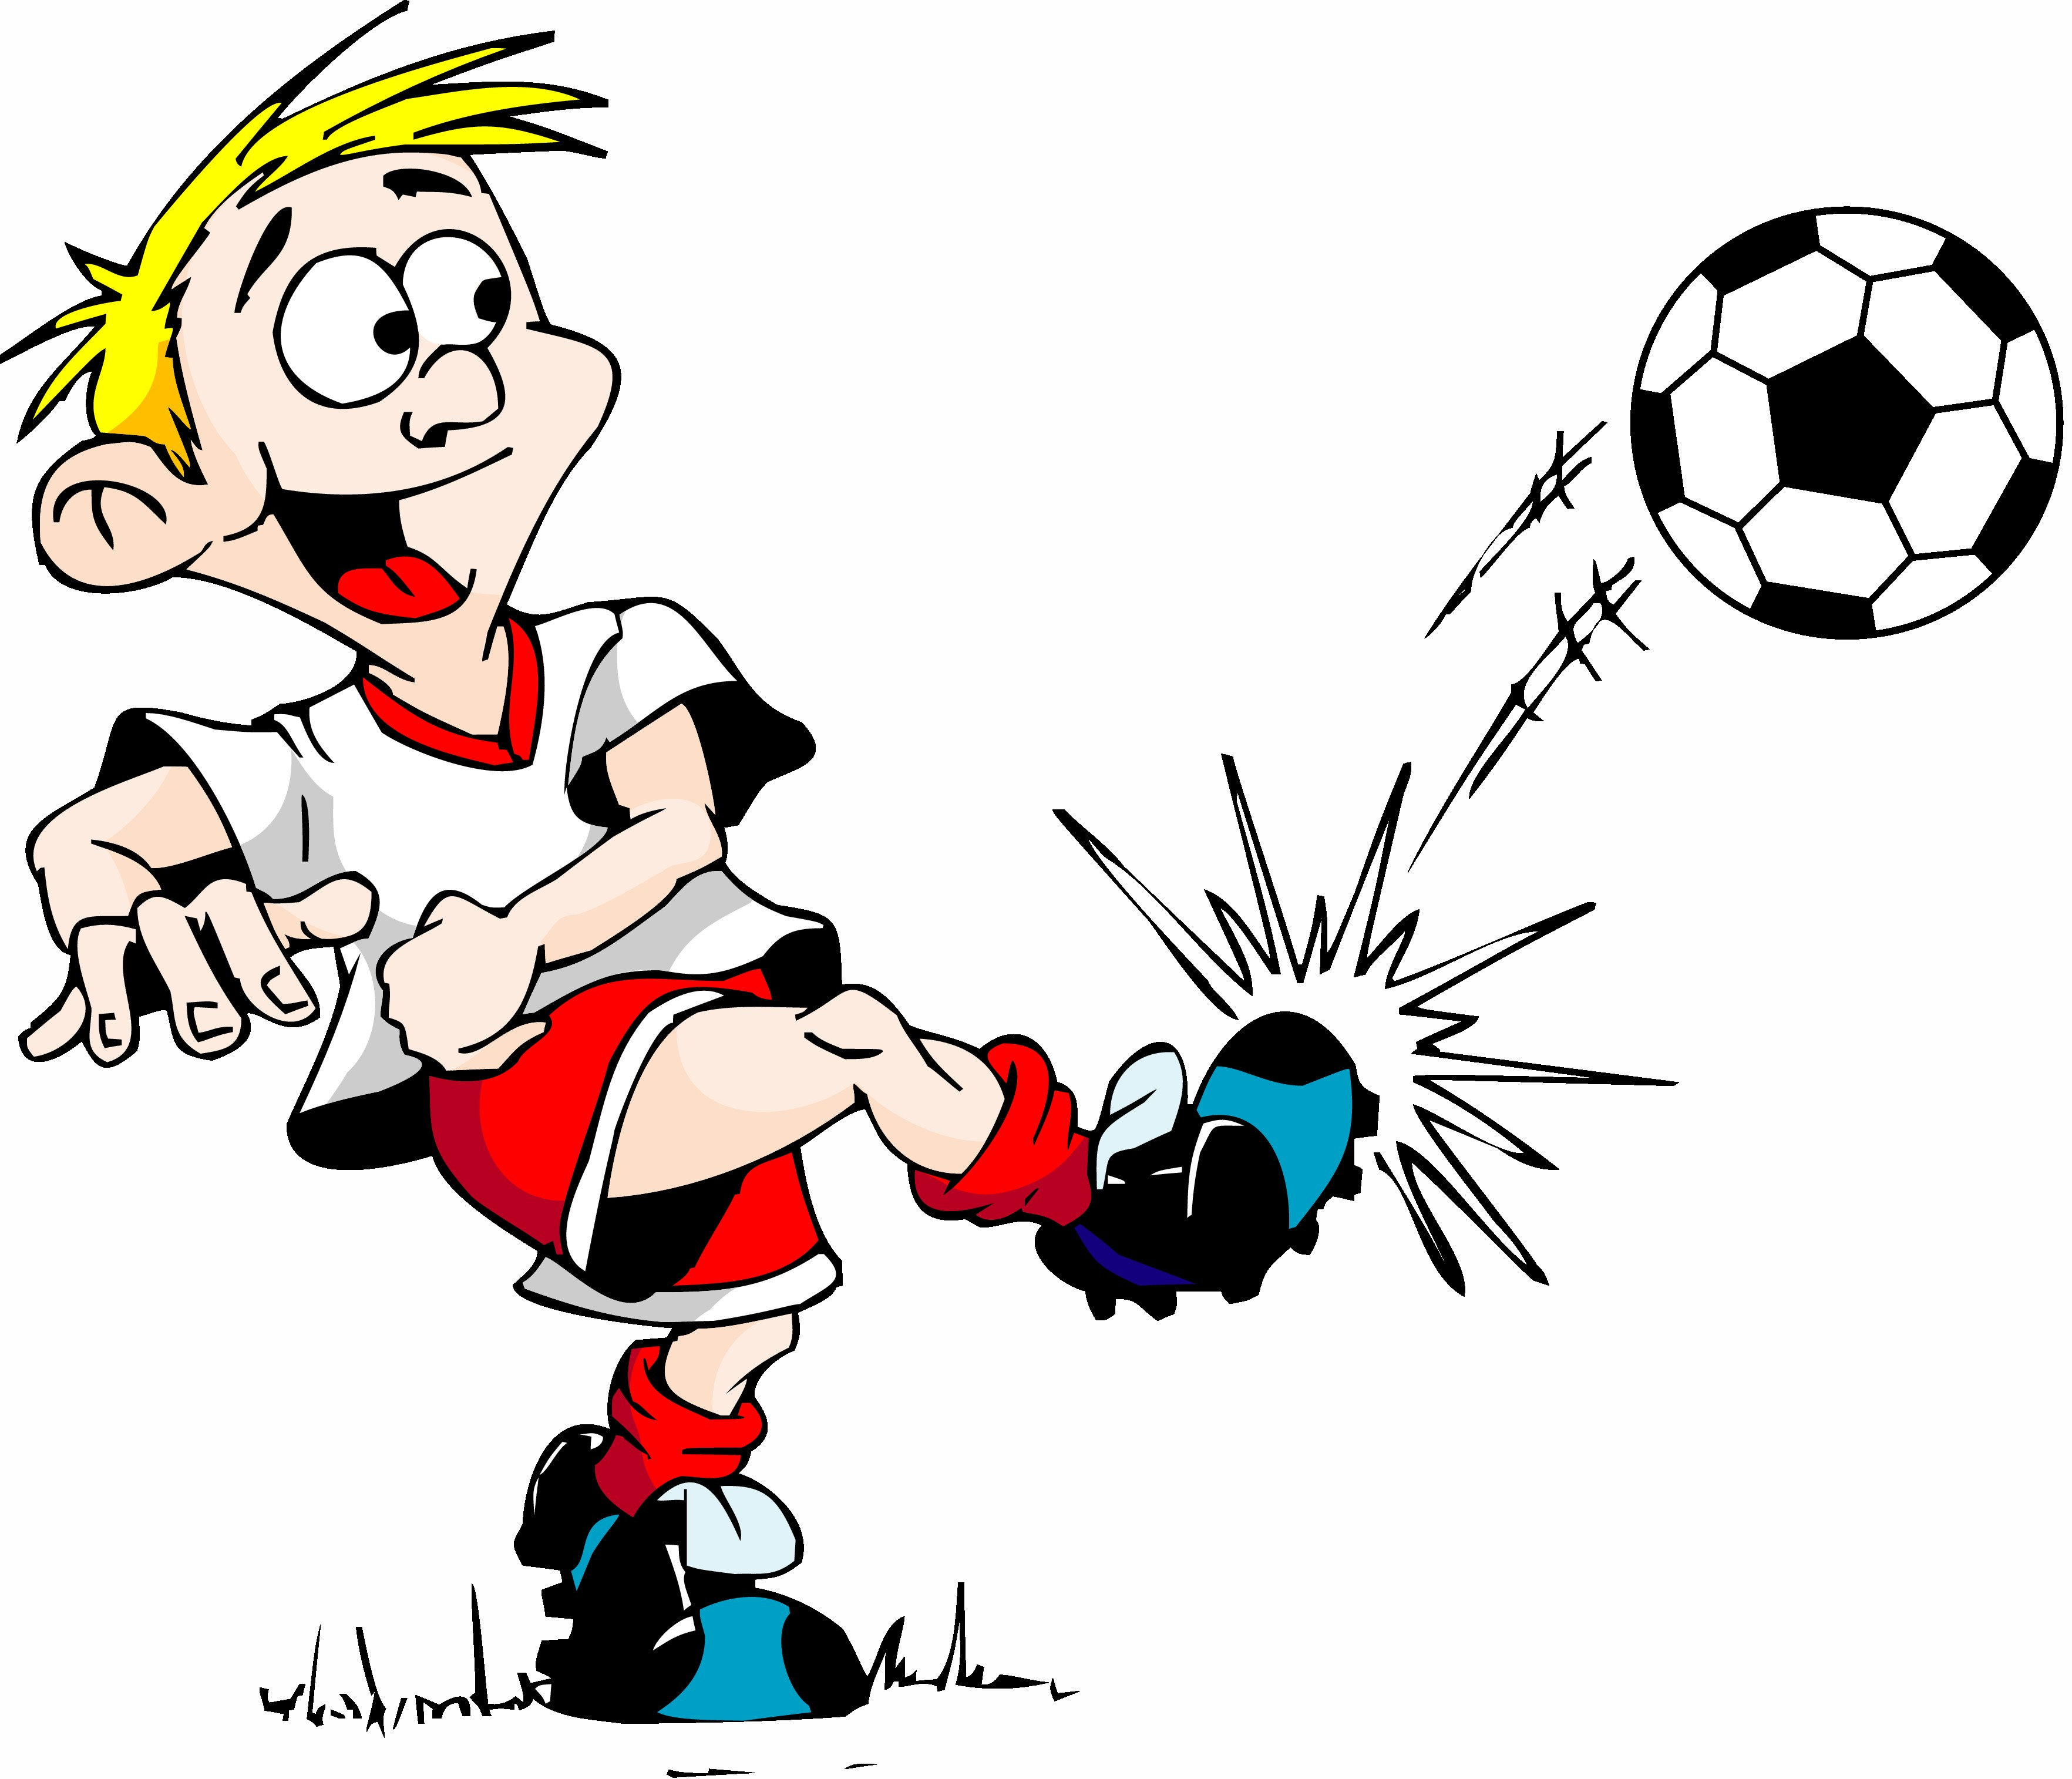 Смешные нарисованные картинки про футбол